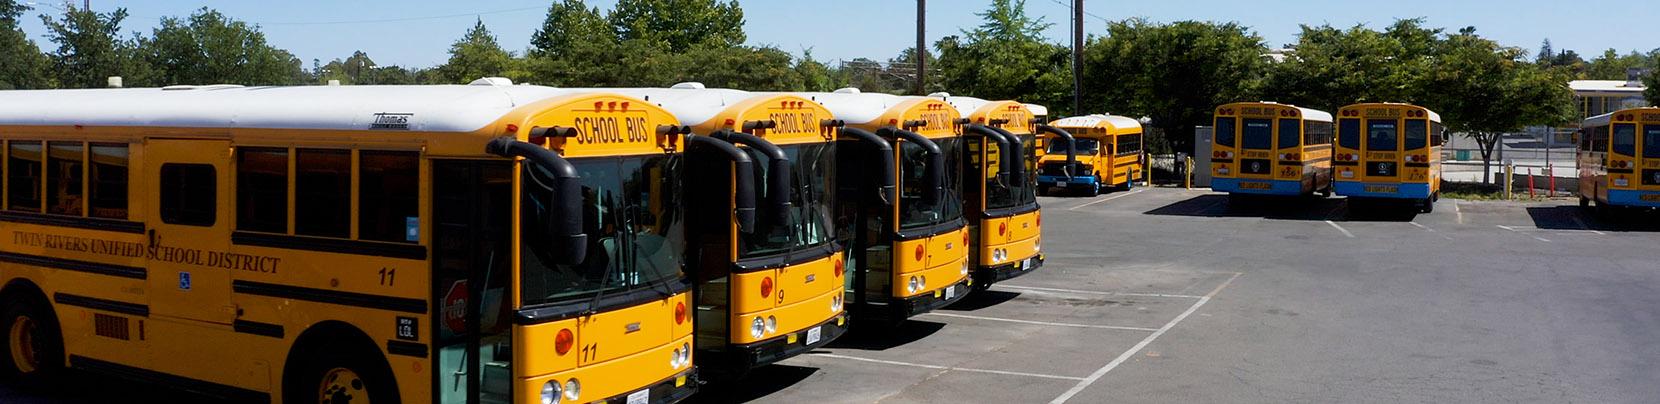 schcool buses